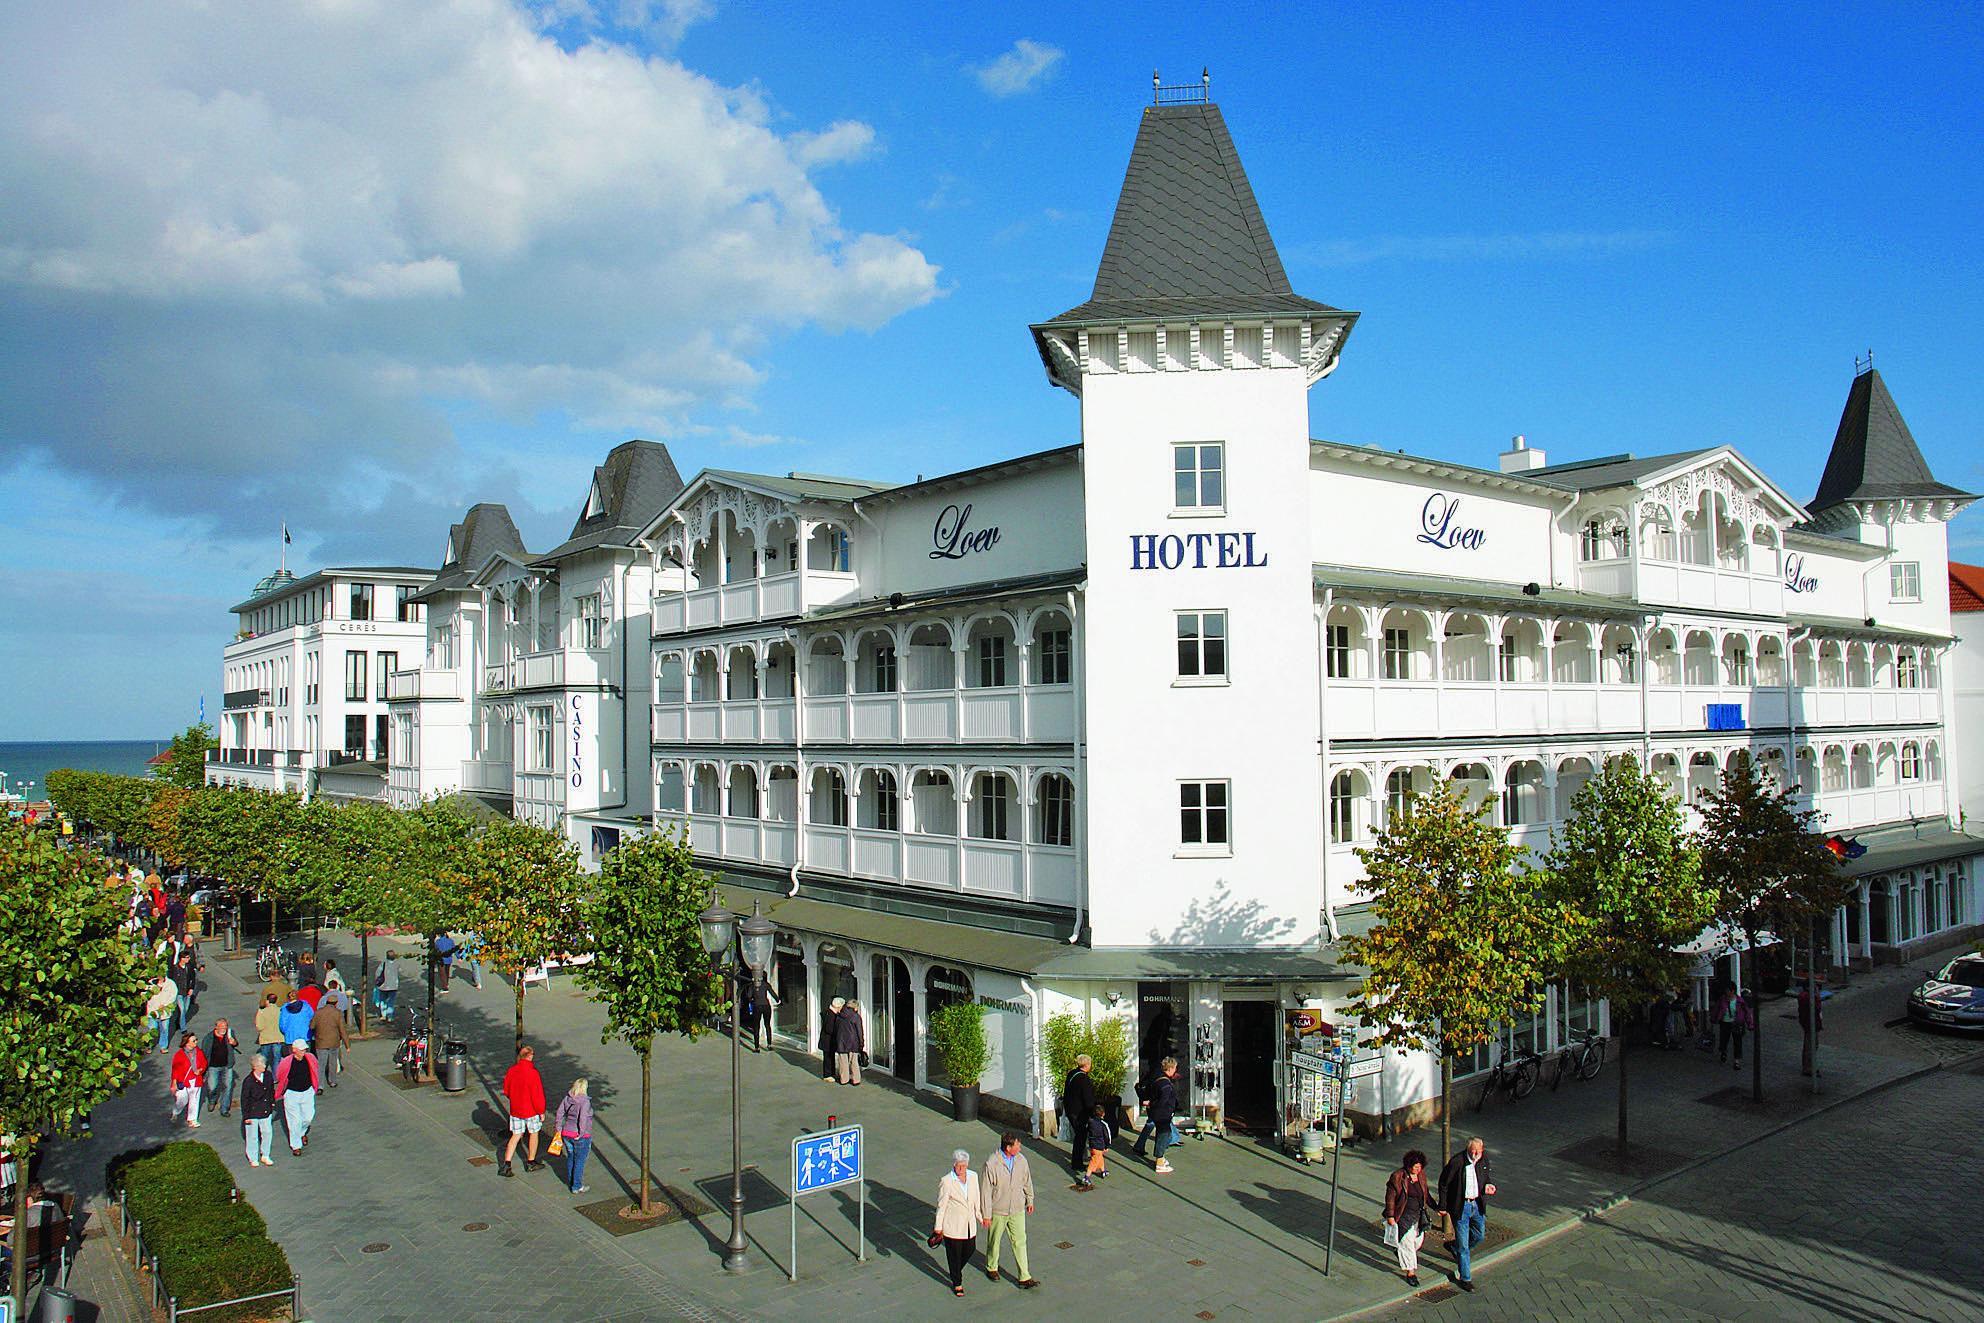 Das Hotel Loev liegt direkt an der Hauptflaniermeile von Binz